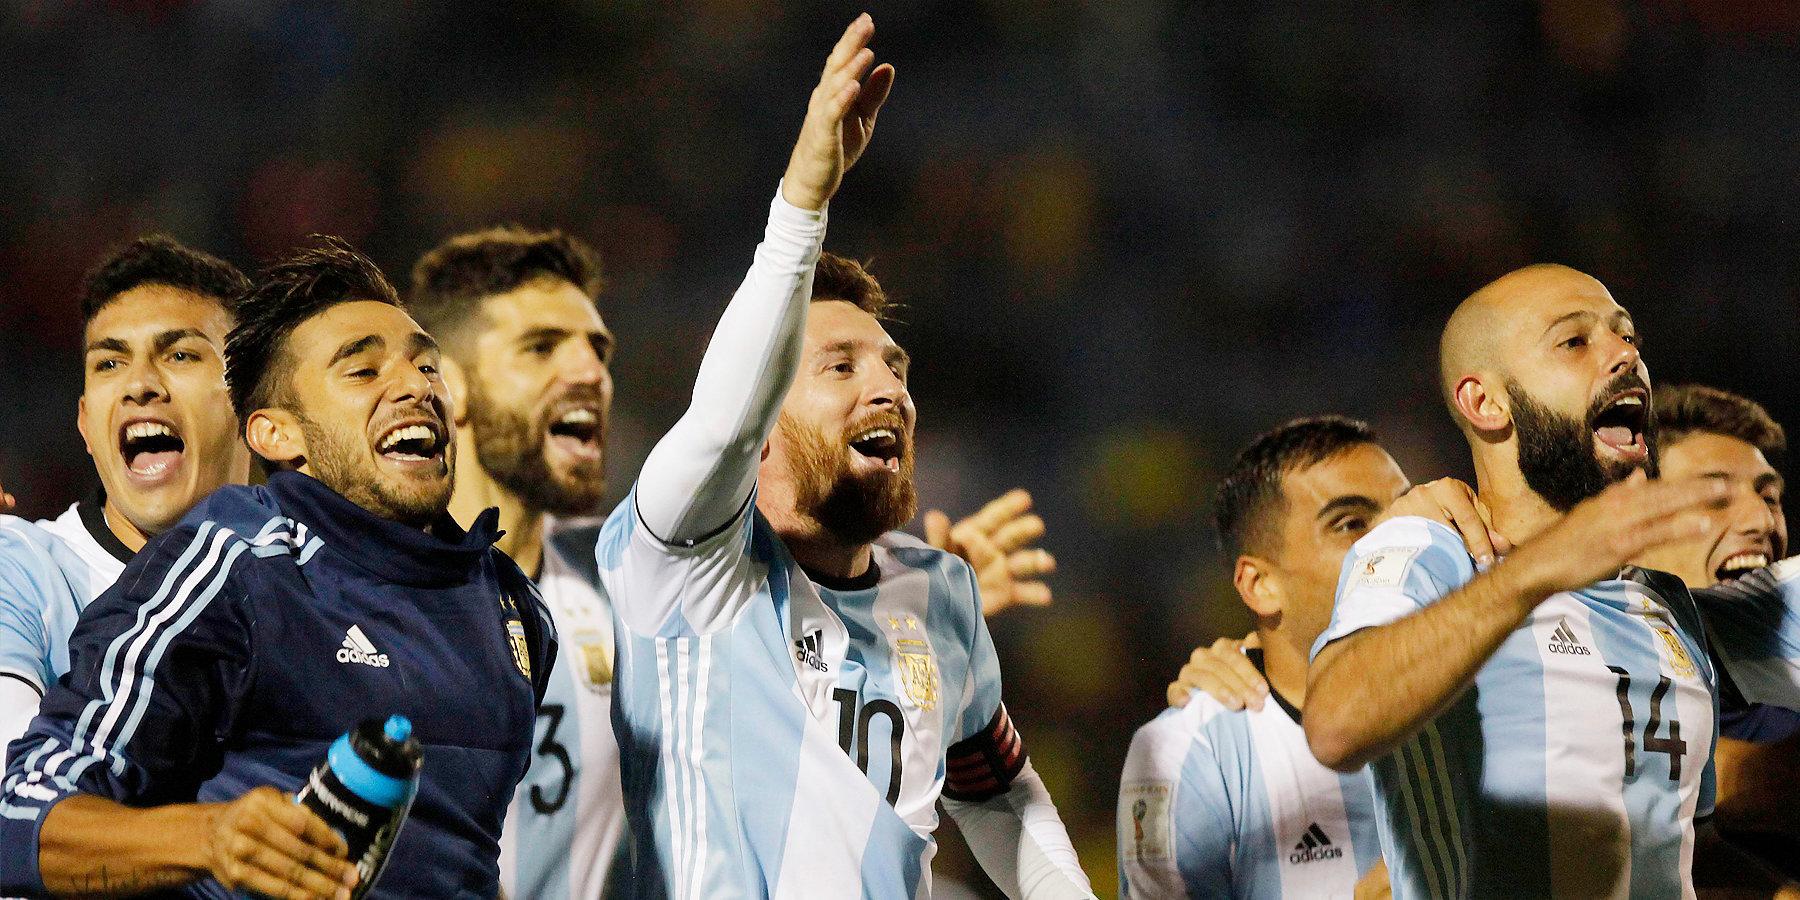 Барселона в 15-й раз выиграла чемпионат Эквадора